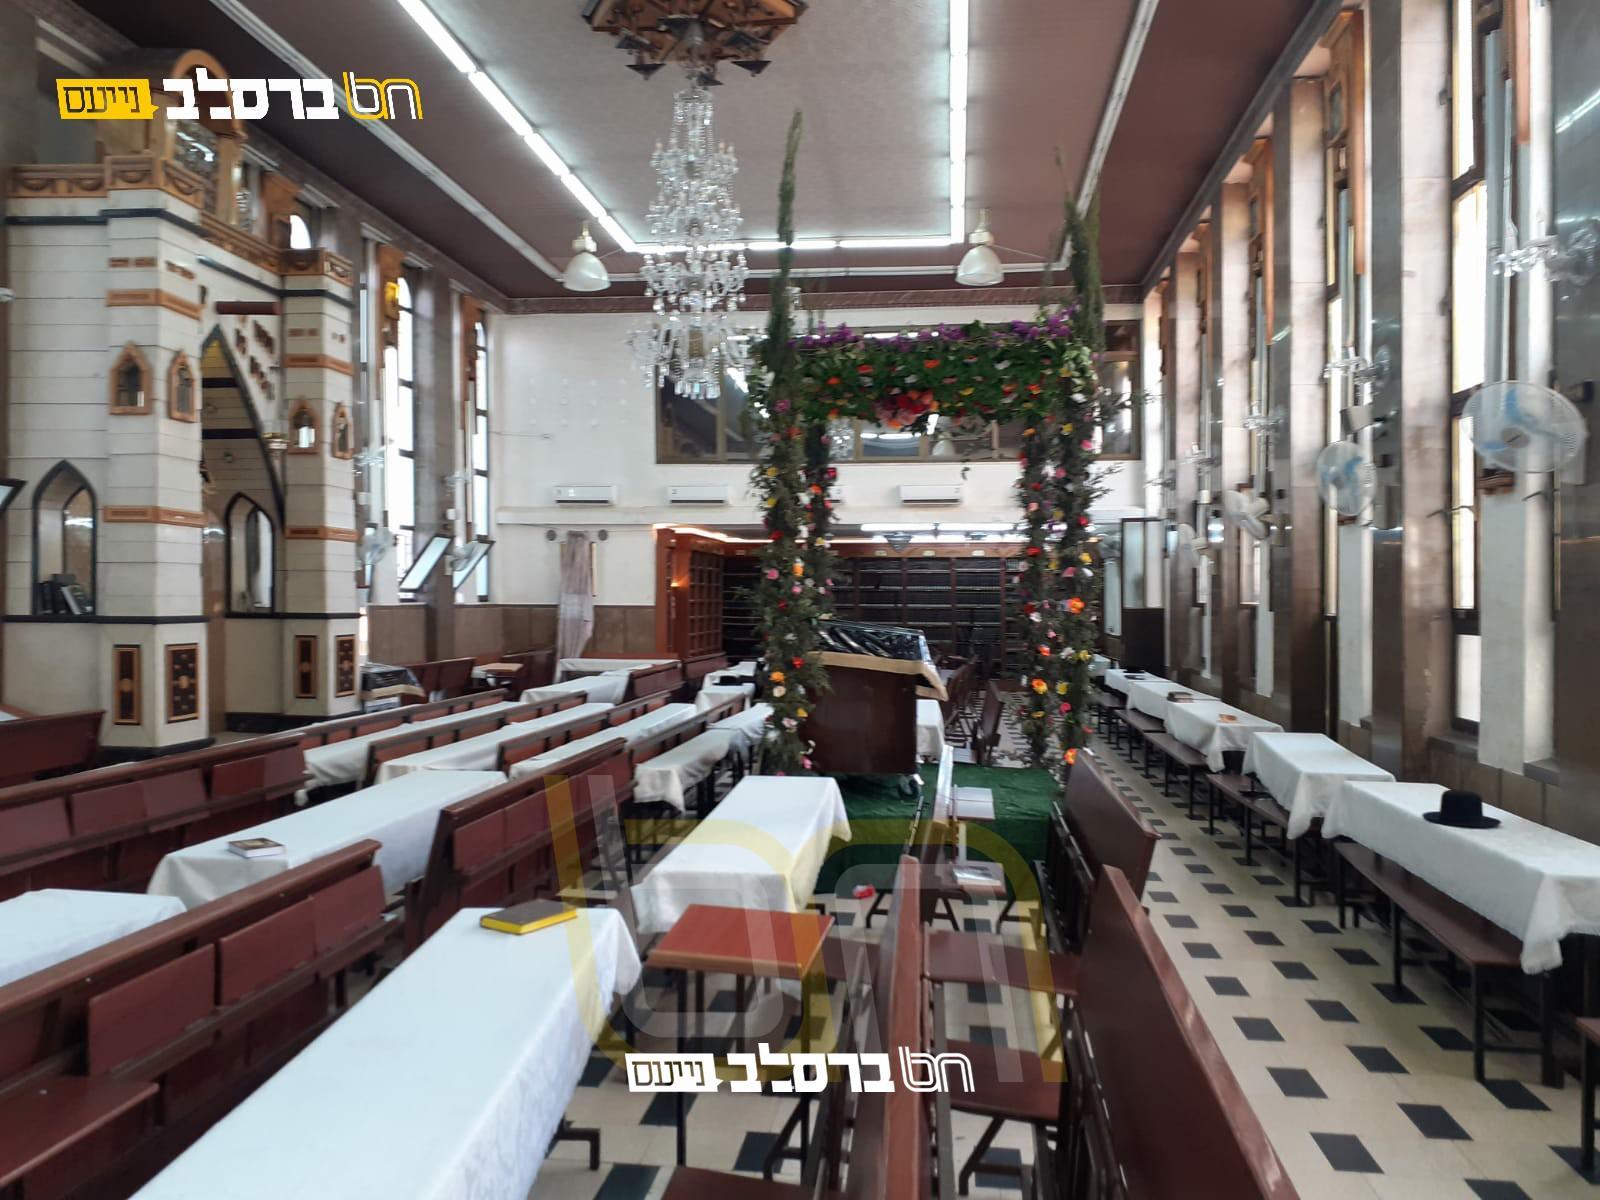 צִצִּים וּפְרָחִים • בית הכנסת הגדול שבירושלים בחופת עצים ופרחים לקראת חג השבועות